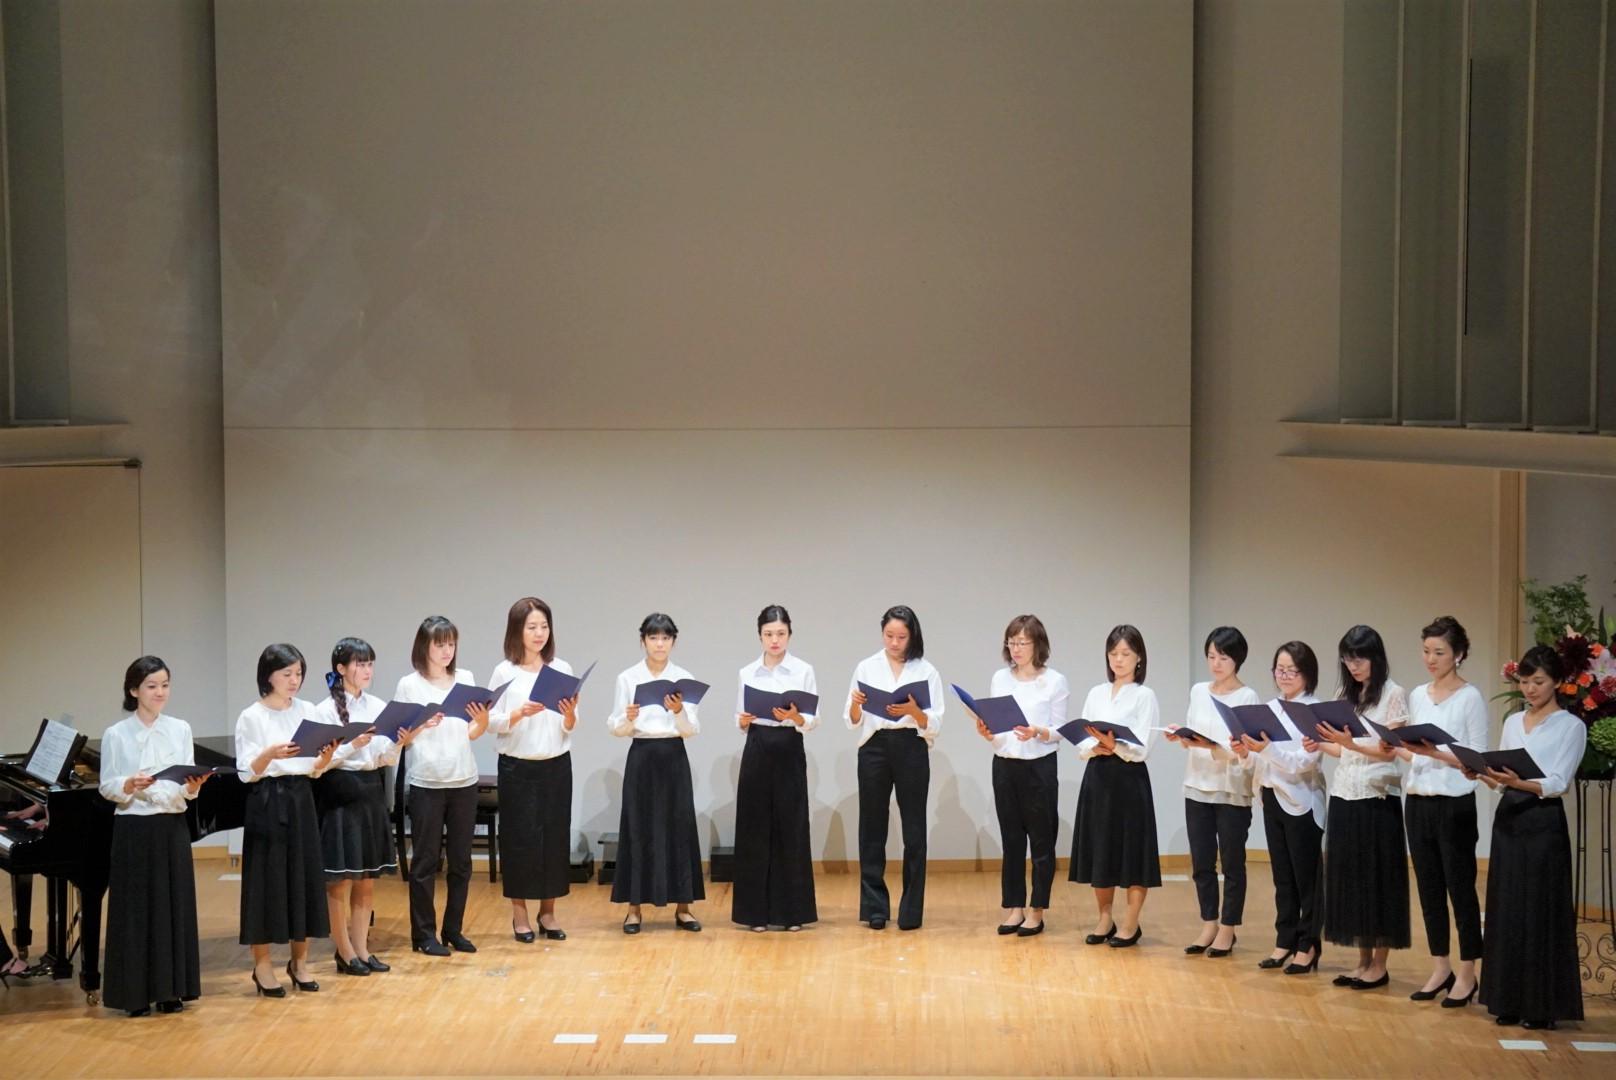 2018年10月27日 奏の会ピアノ発表会 中学生以上の生徒と保護者による合唱